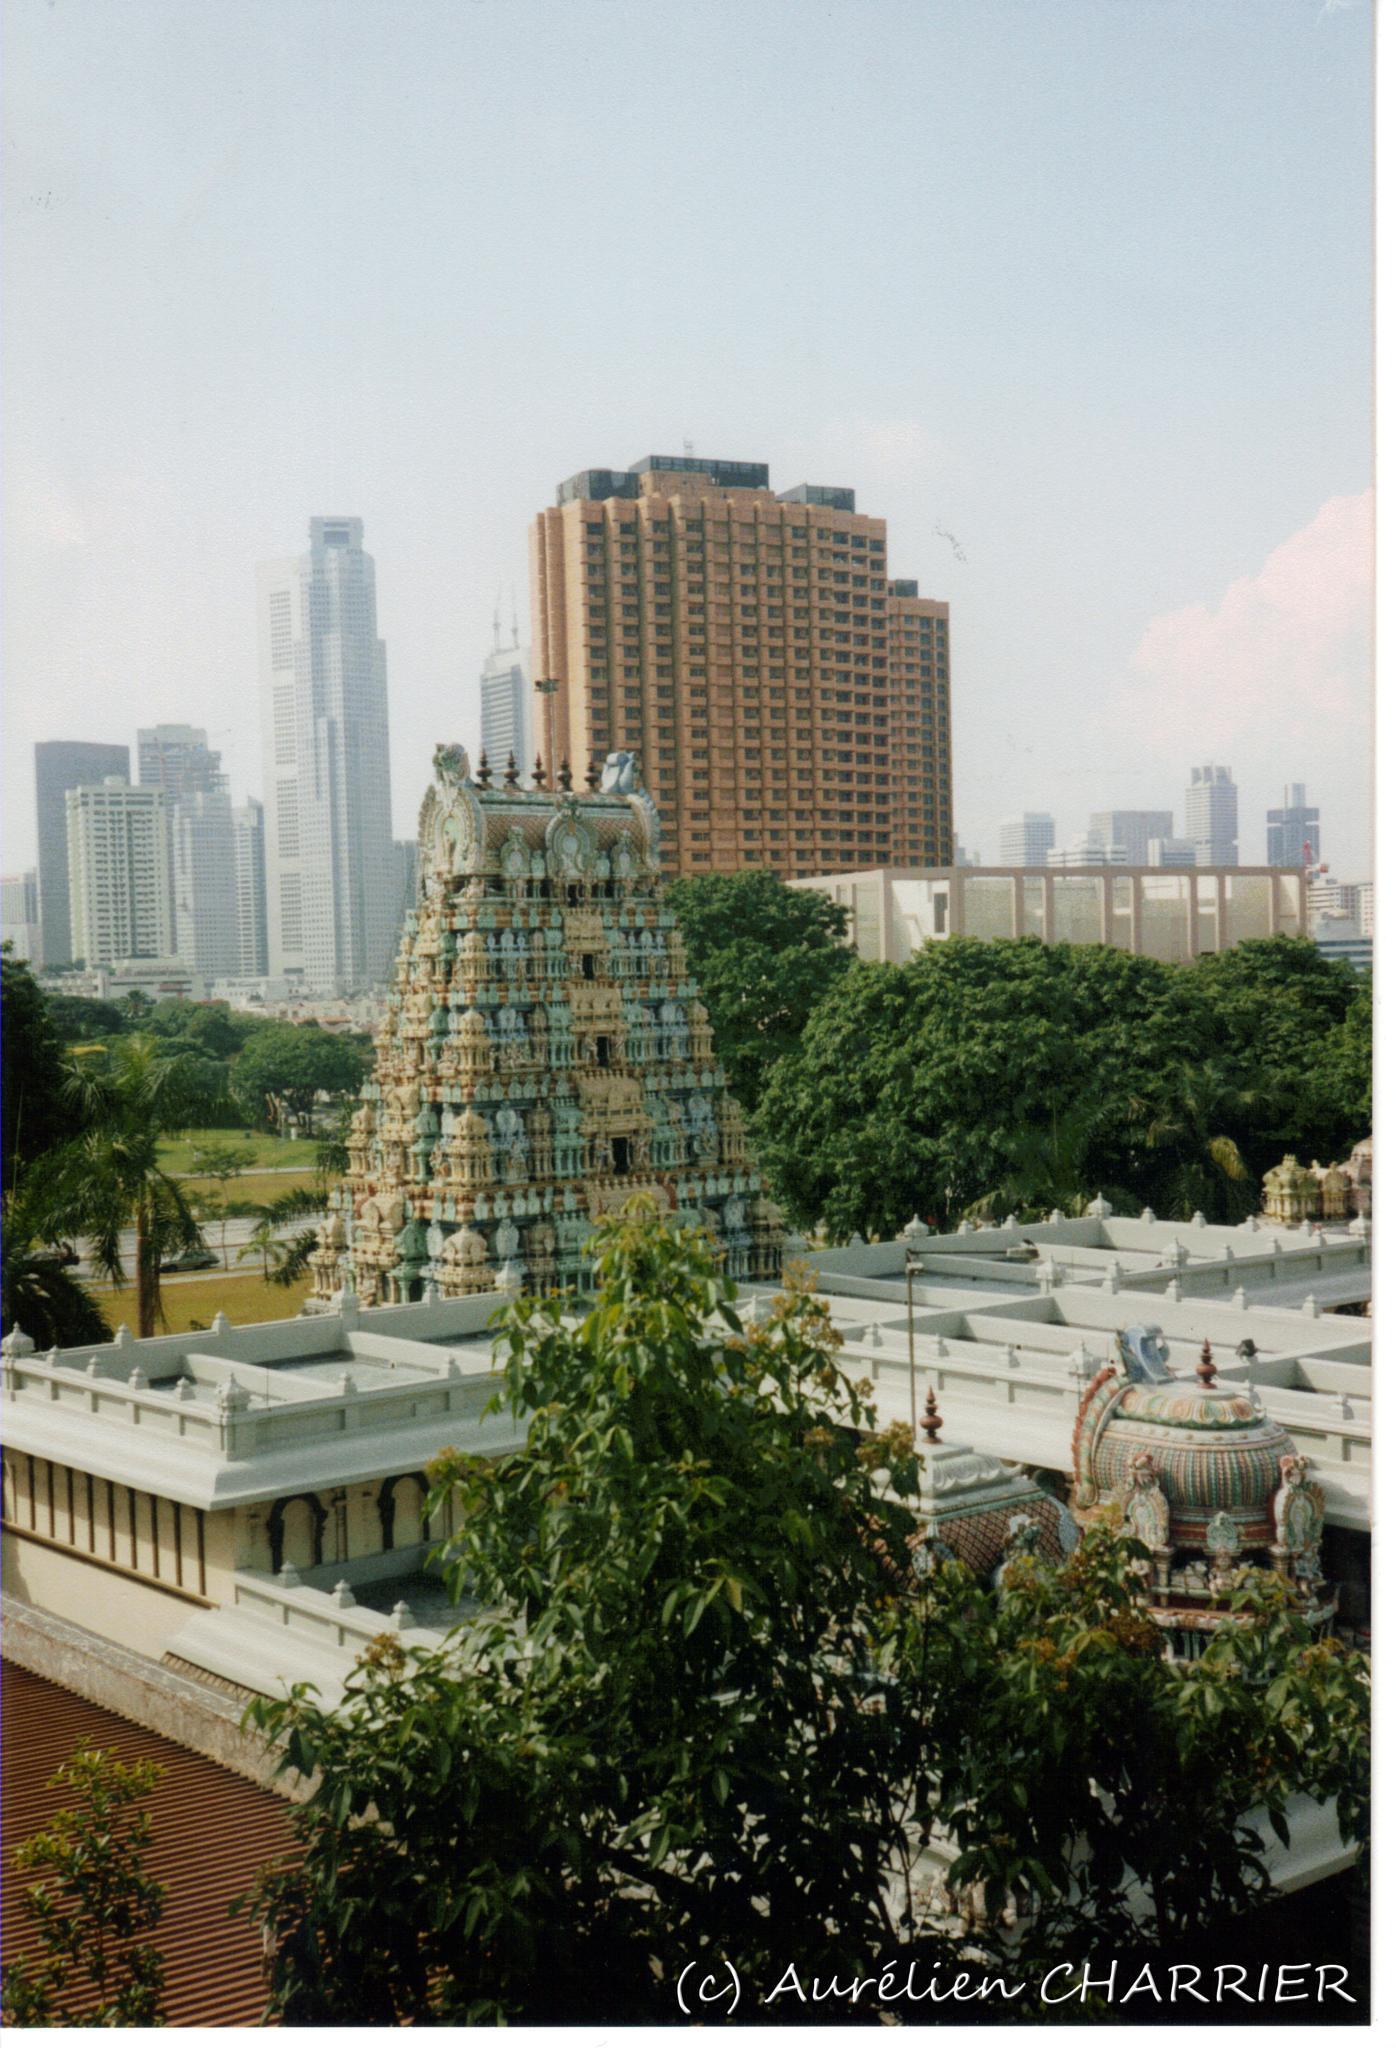 (1994) Singapore (argentic) by Aurélien CHARRIER